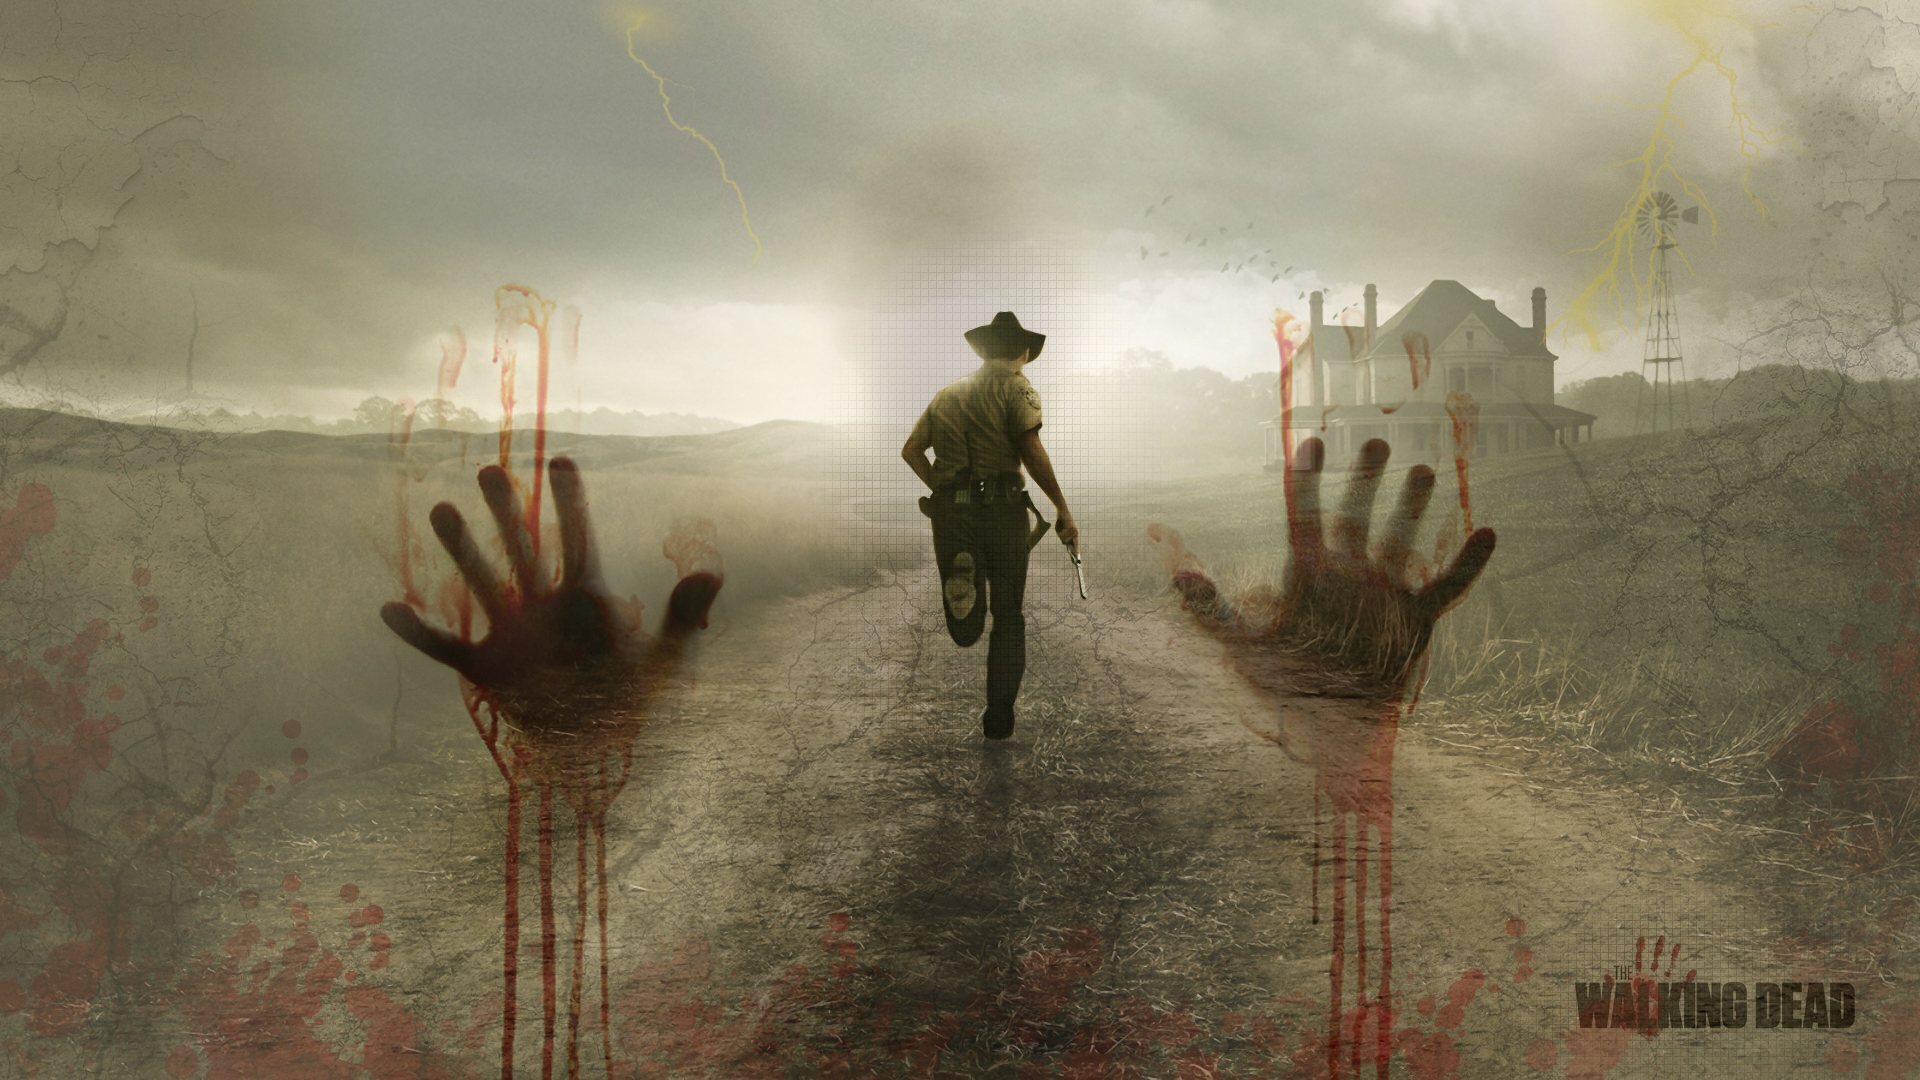 The Walking Dead Wallpaper By Blooddrunkdesigns On Deviantart Walking Dead Wallpaper The Walking Dead Fear The Walking Dead